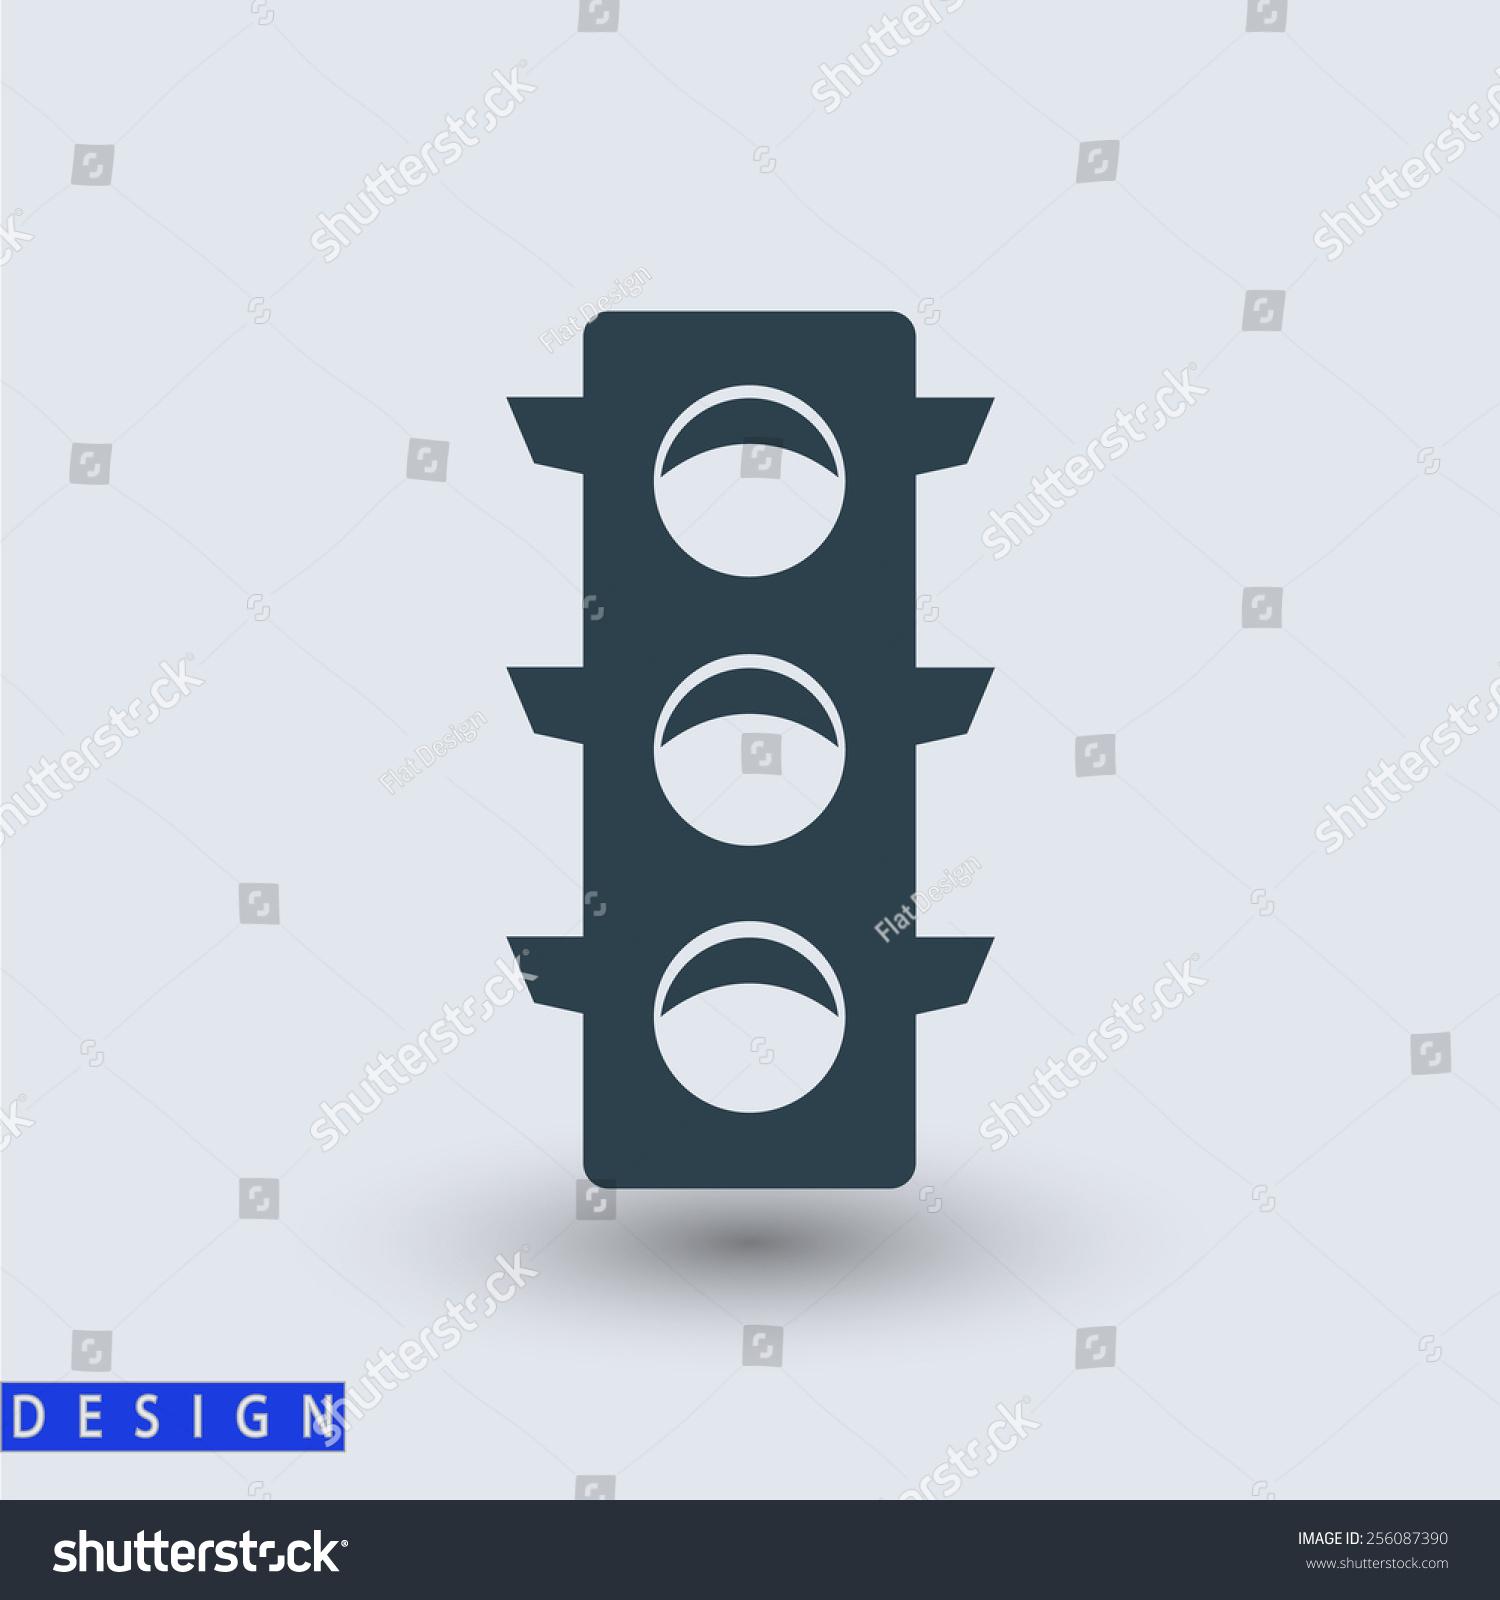 交通灯图标,矢量图.平面设计风格-科技,符号/标志-()